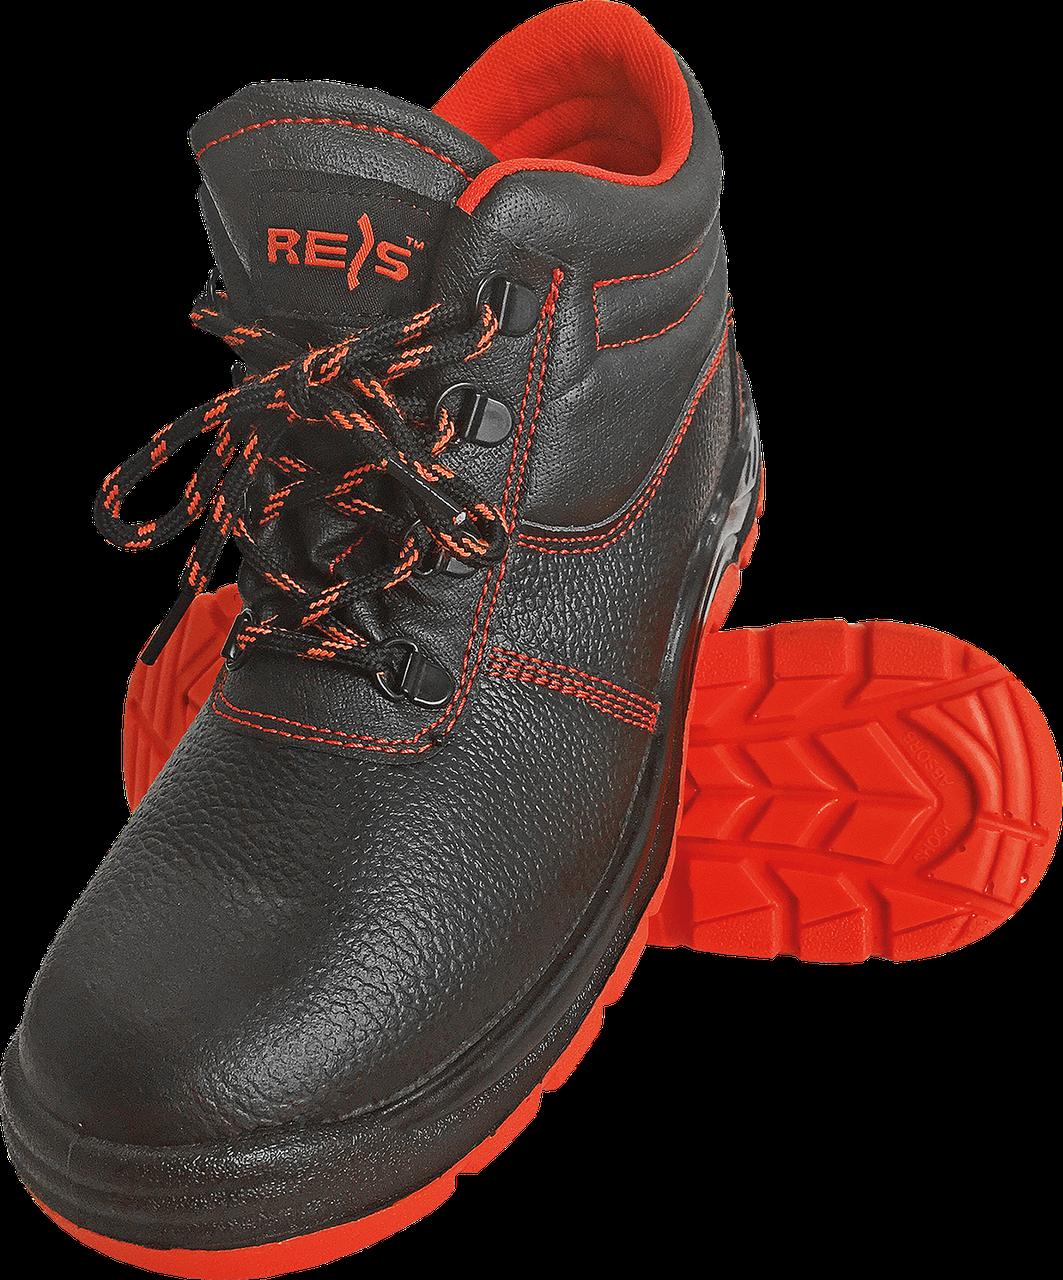 Ботинки REIS BRYESK-T-SB c металлическим носком 39 черного цвета с красной подошвой (BRYESK-T)